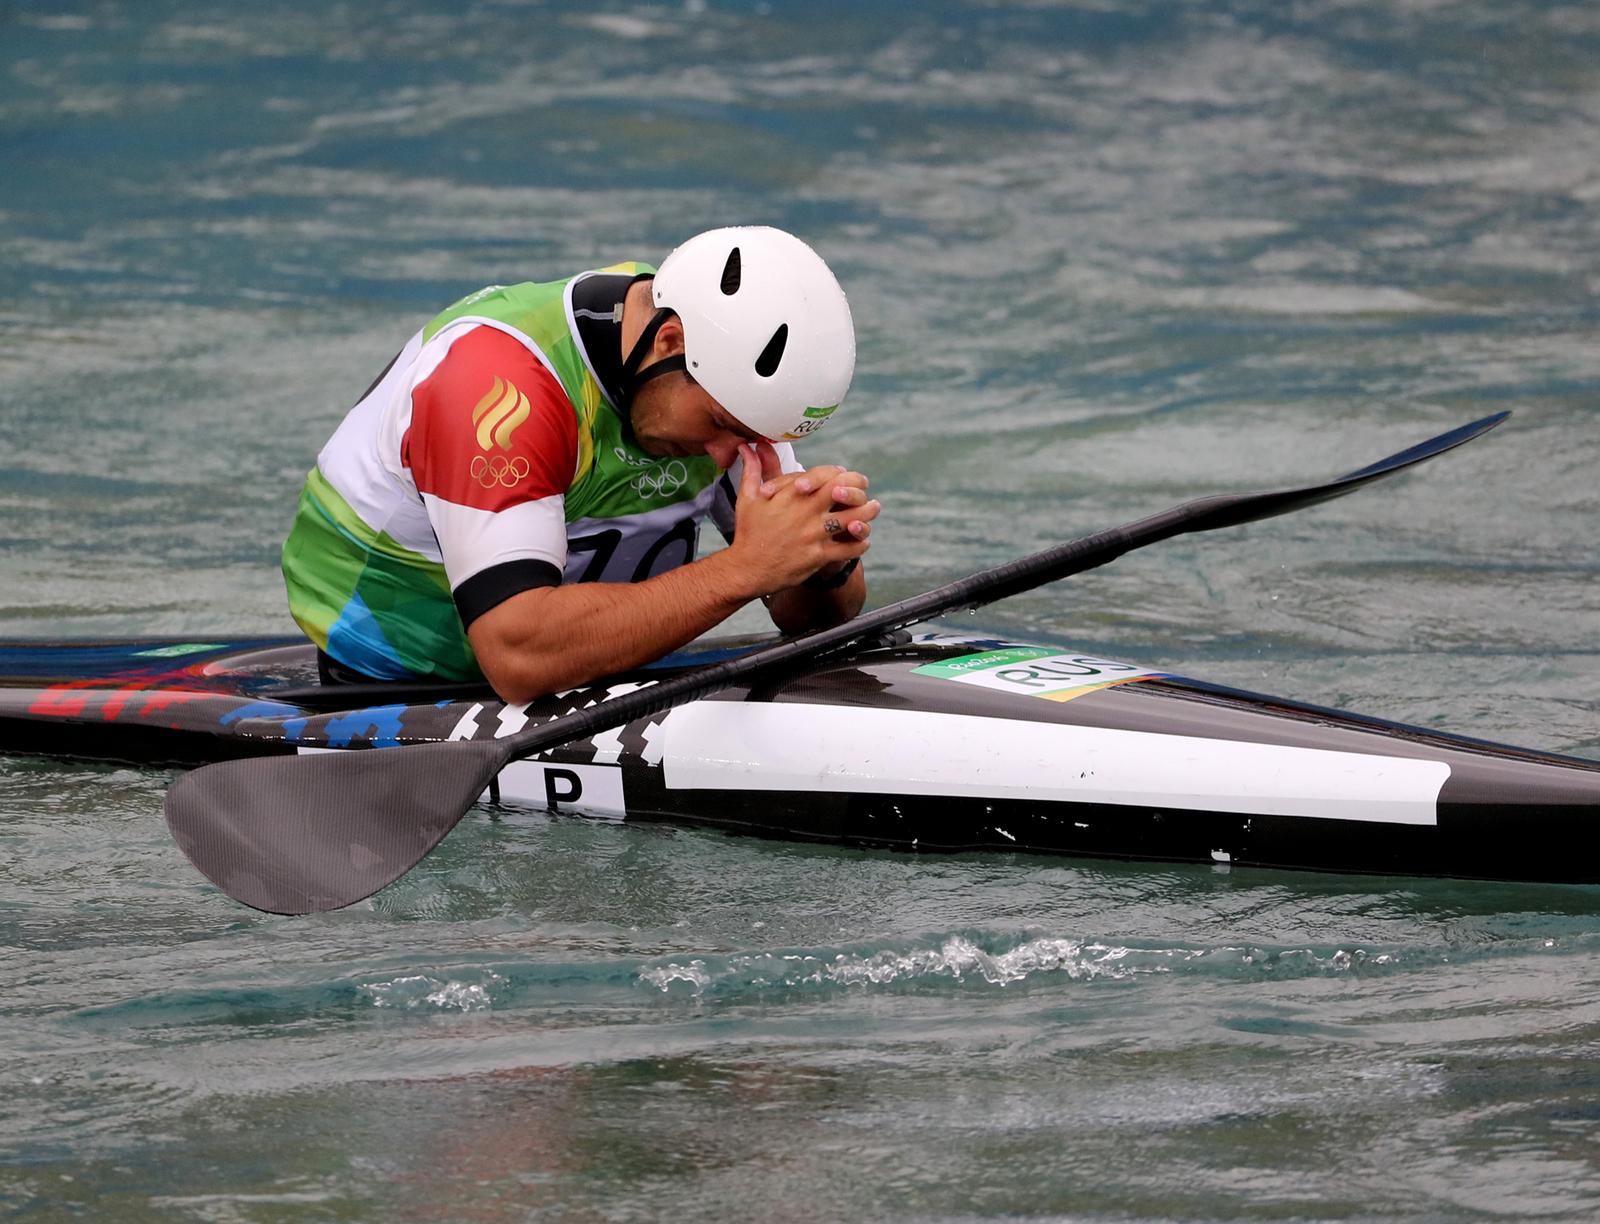 Россиийский гребец Павел Эйгель после неудачного заезда в состязаниях по гребному слалому